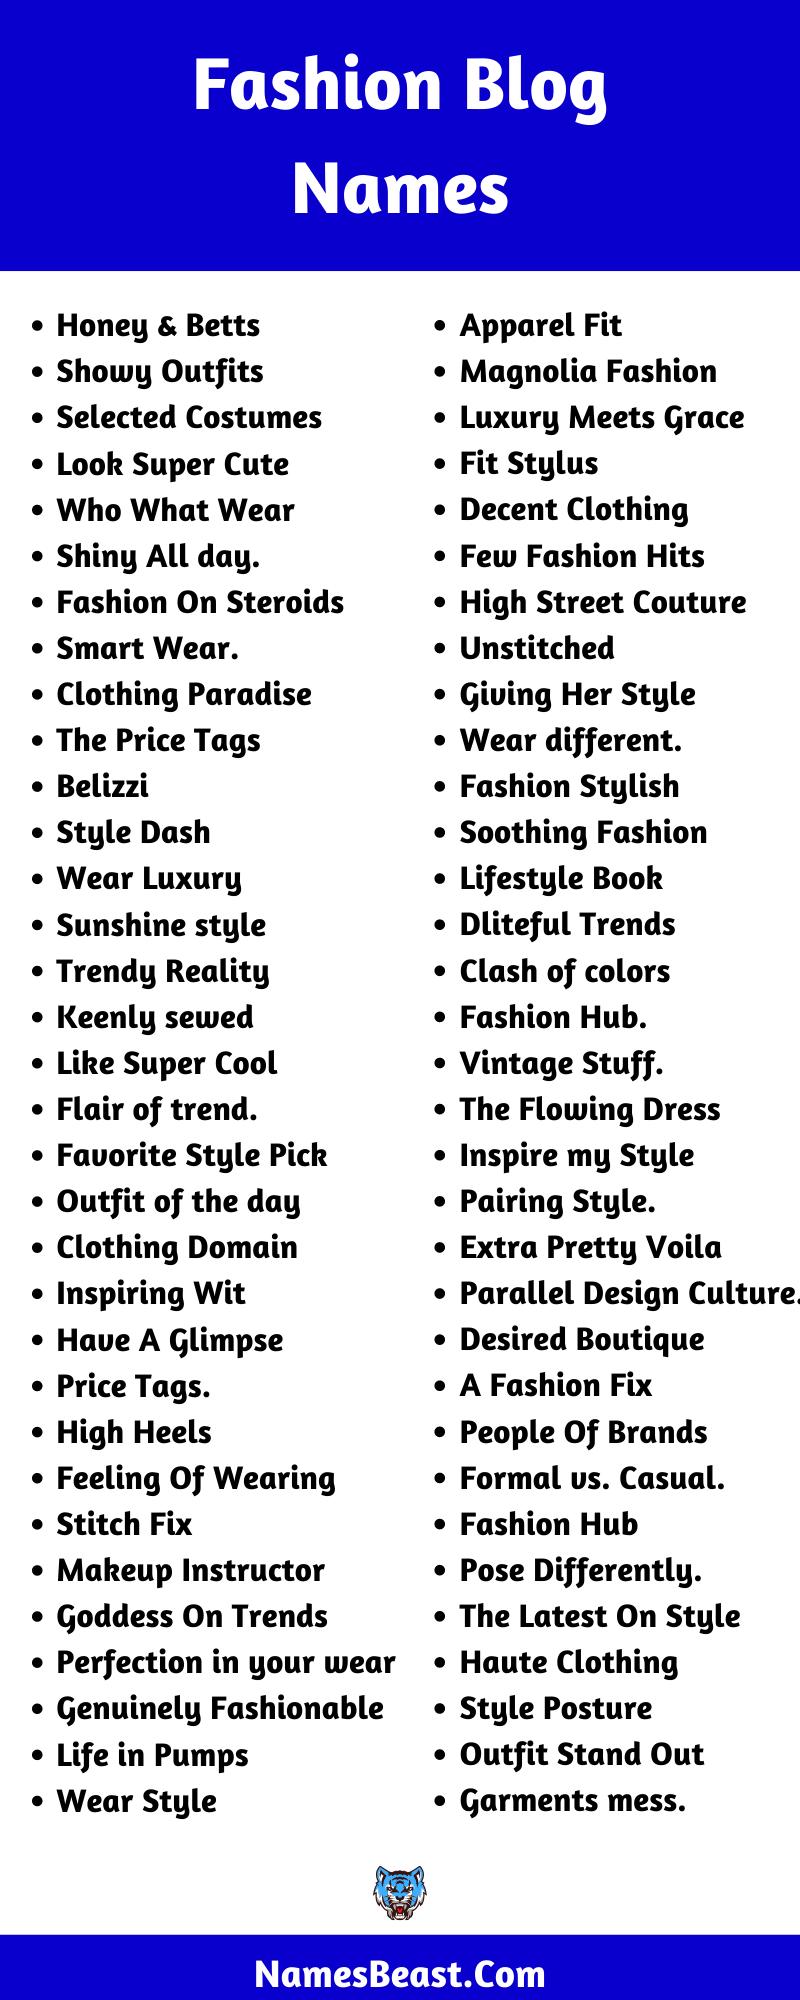 Fashion Blog Name Ideas